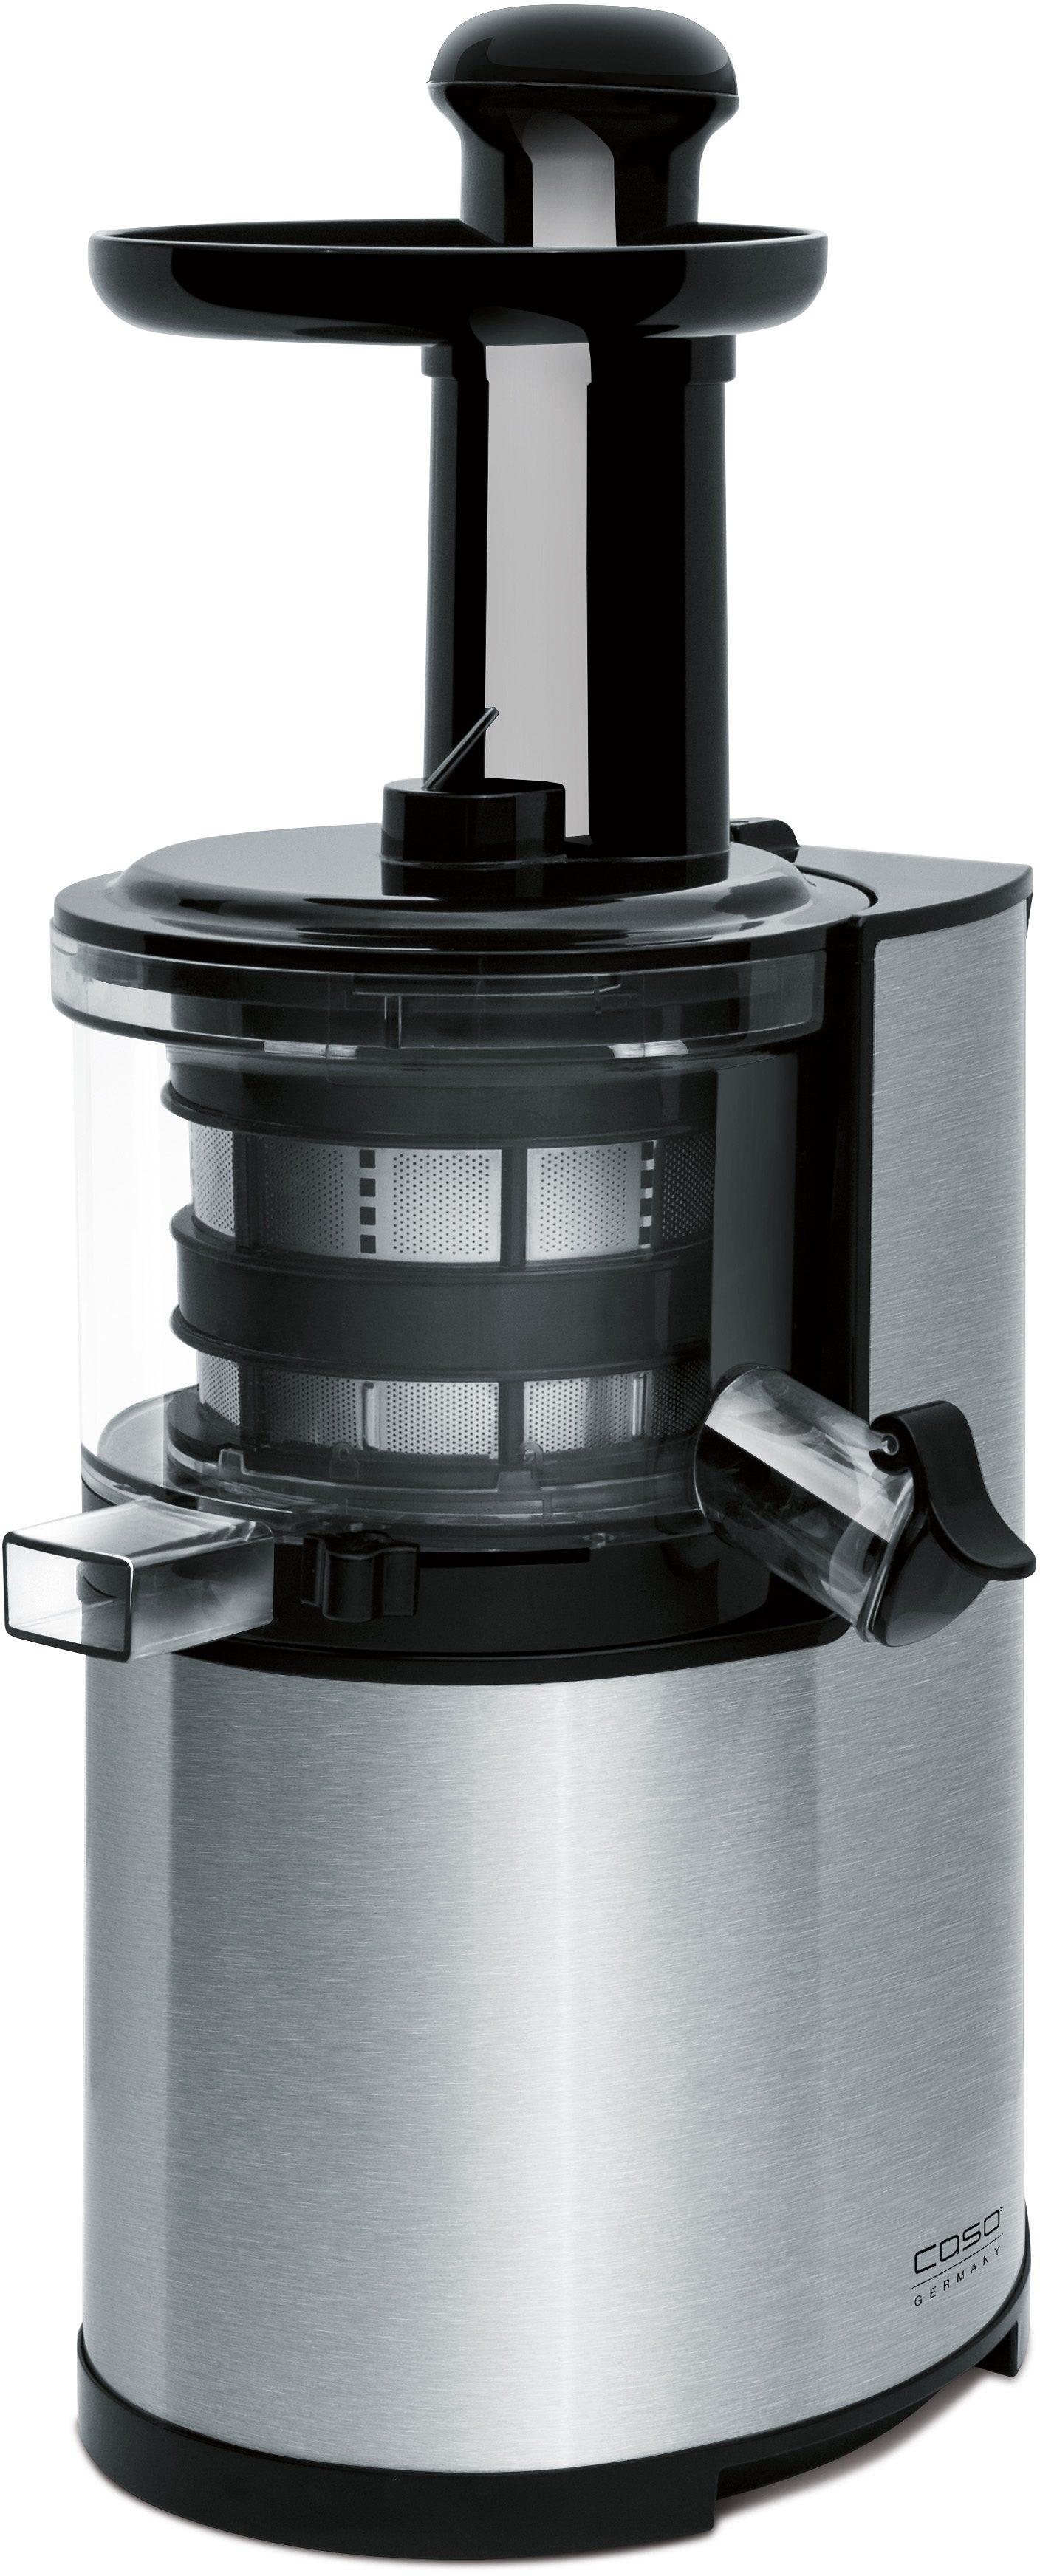 Caso Slow Juicer SJ200 SlowJuicer, 200 W, 200 Watt